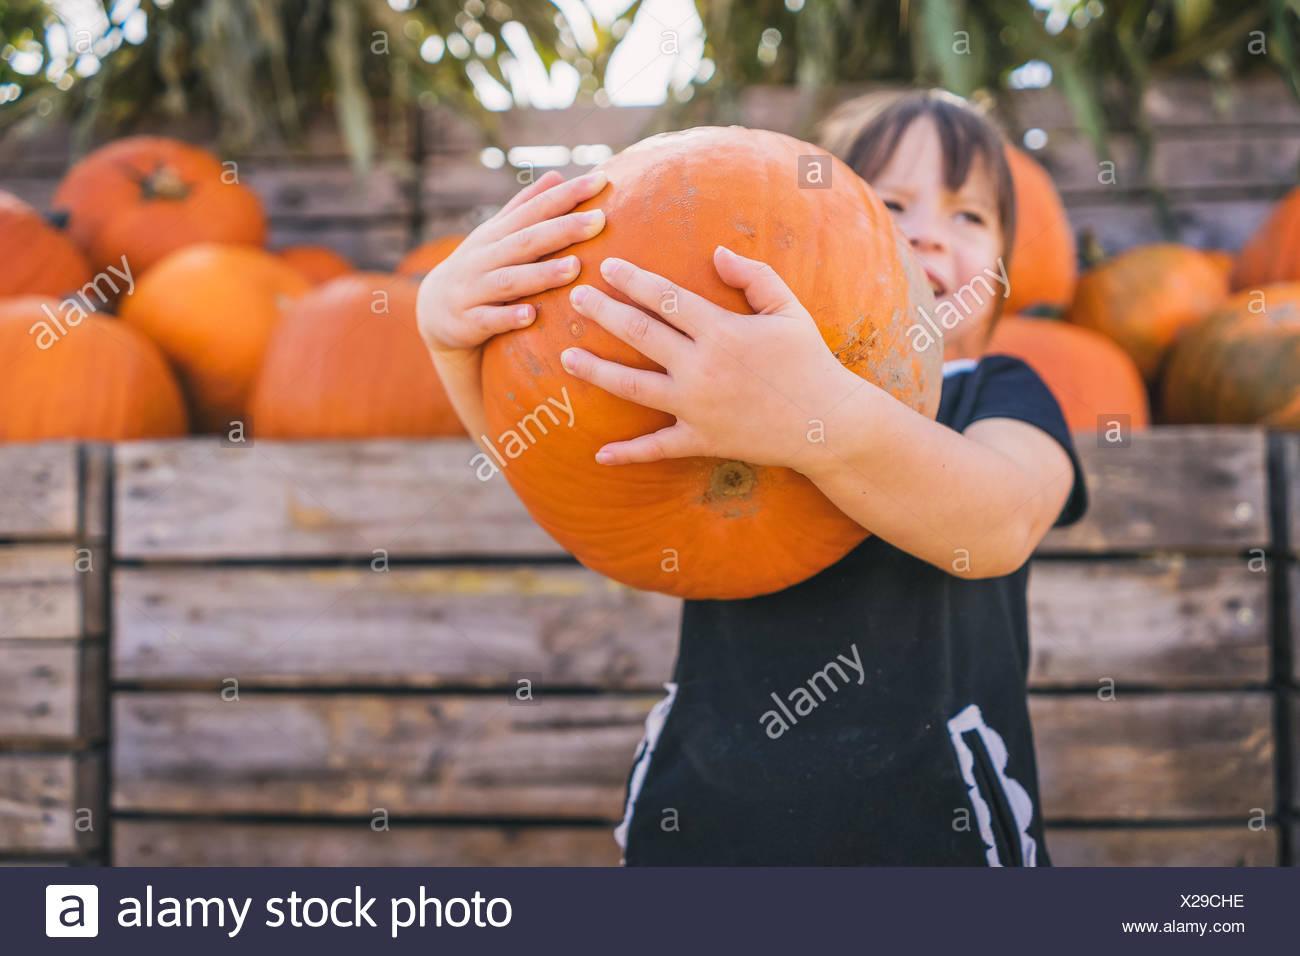 Girl holding large à la citrouille pumpkin farm Photo Stock